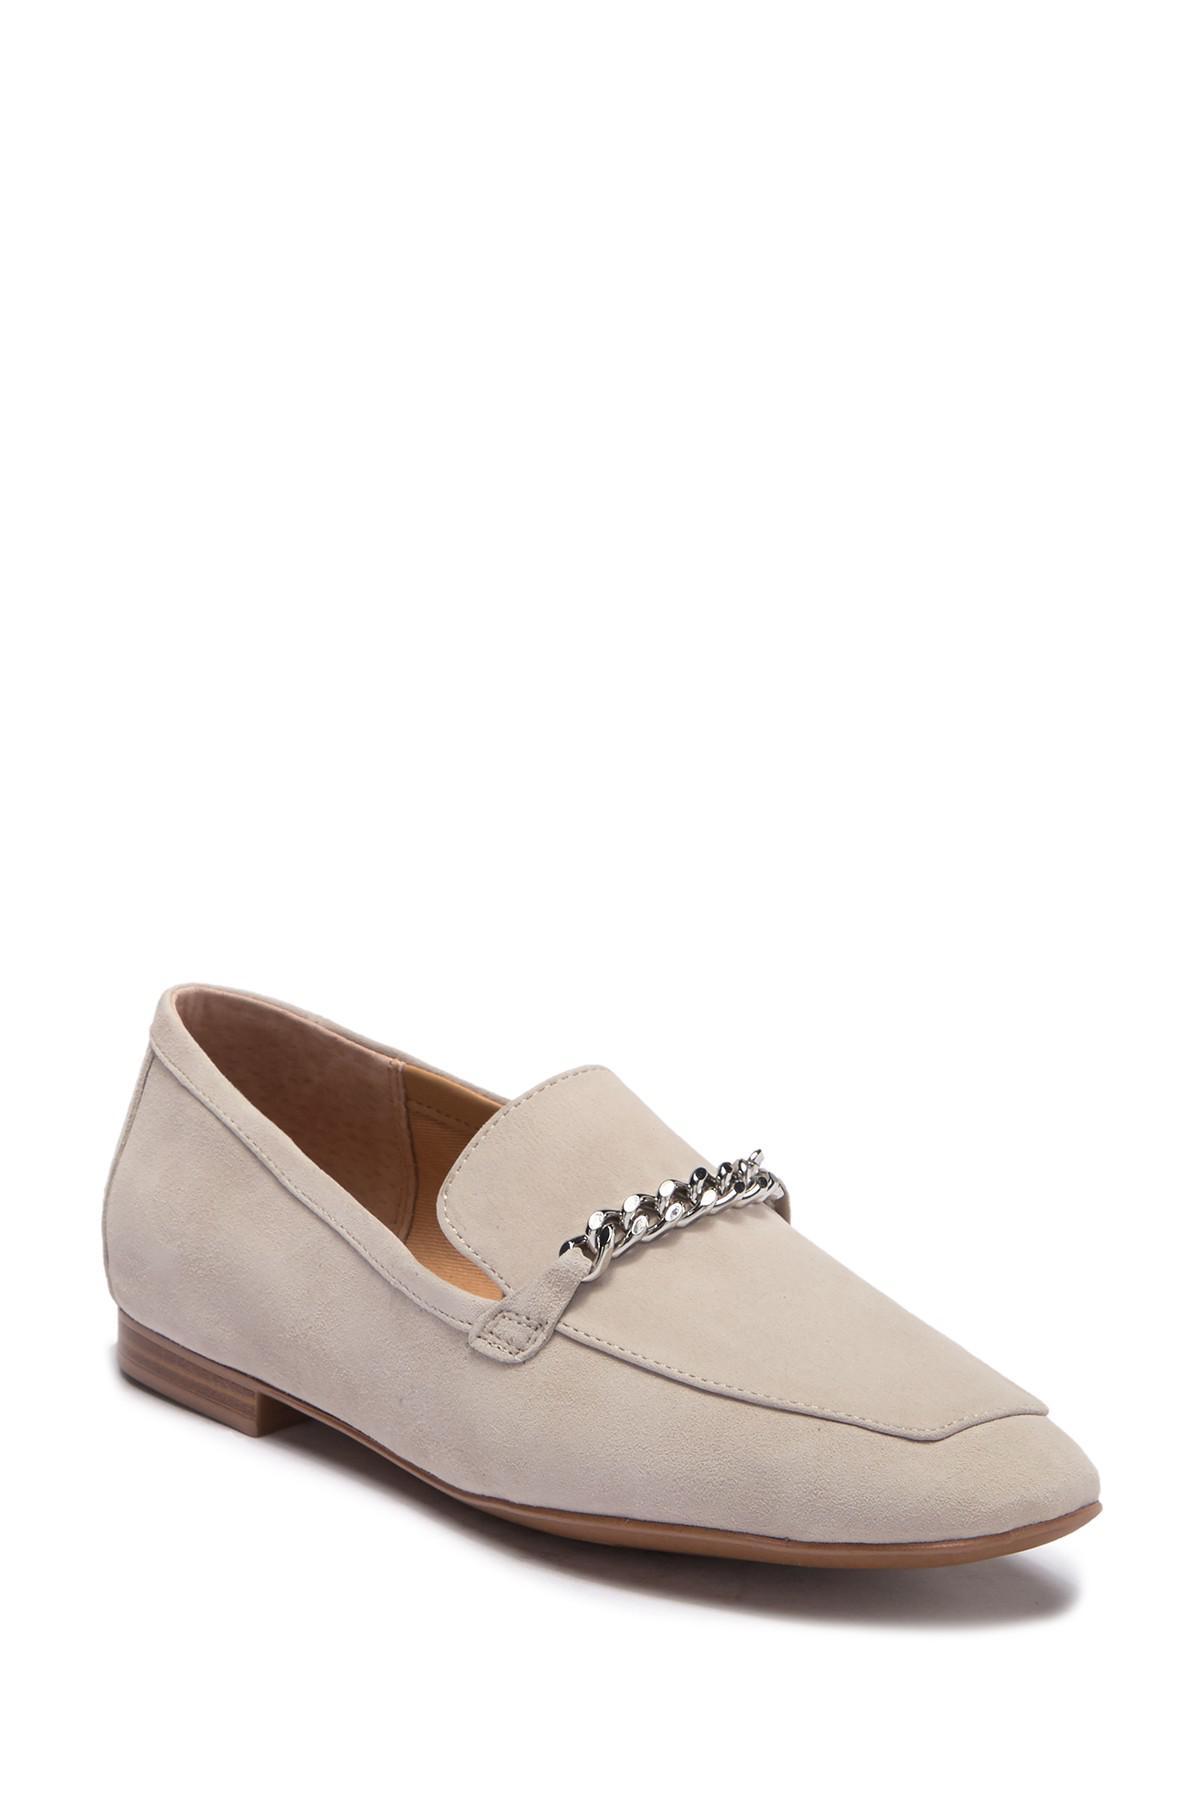 95da4fe0d43 Lyst - Franco Sarto Dana Suede Chain Loafer in Gray